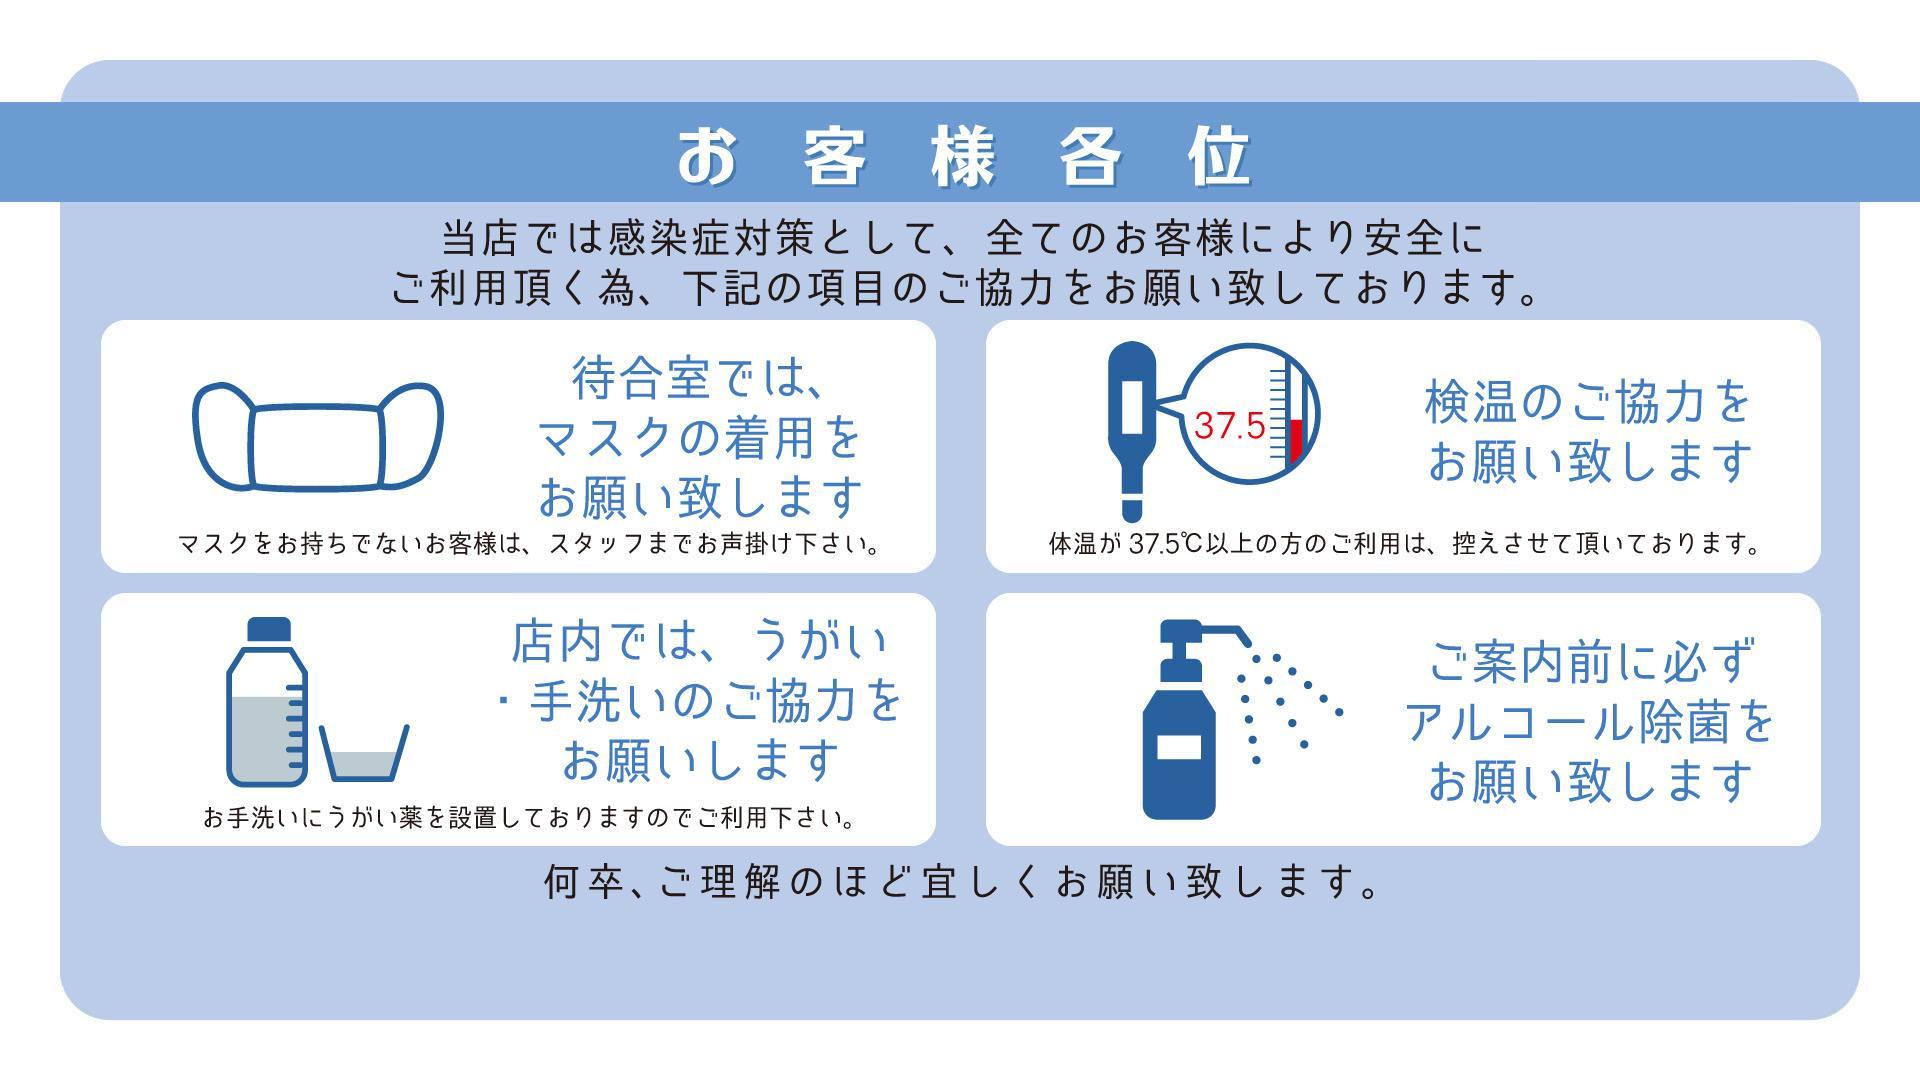 中洲風俗ソープ ティアモ - Ti Amo - コロナ対策の徹底にご協力をお願い致しております